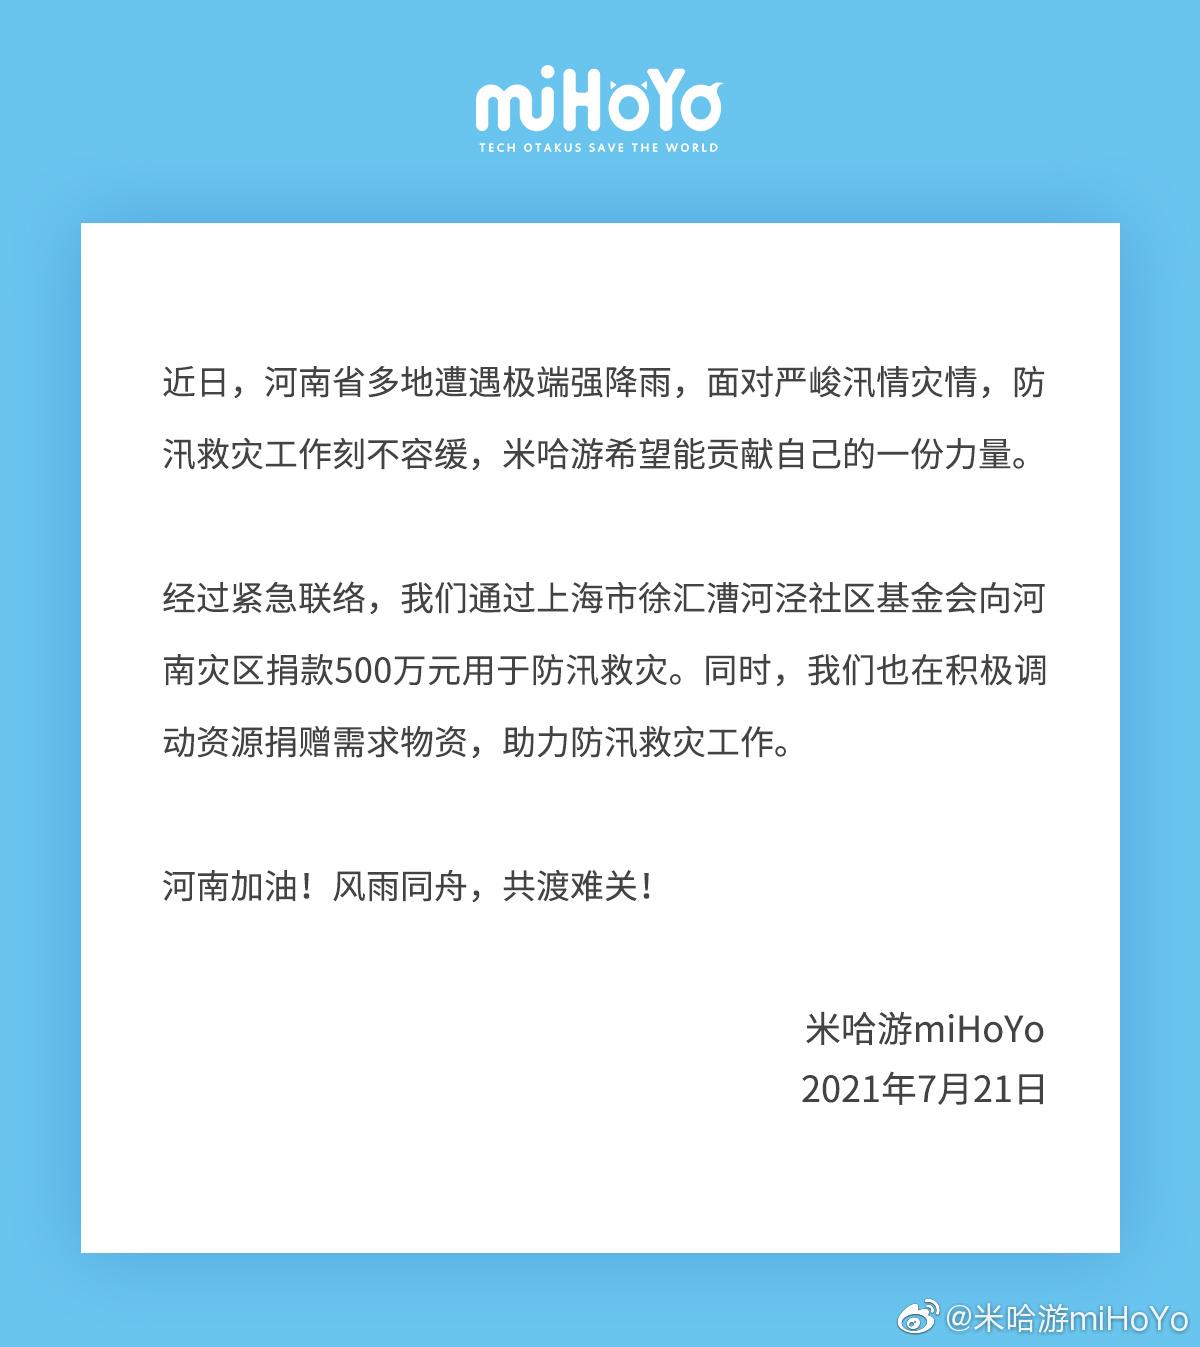 网易向河南捐款5000万元 米哈游捐款500万元